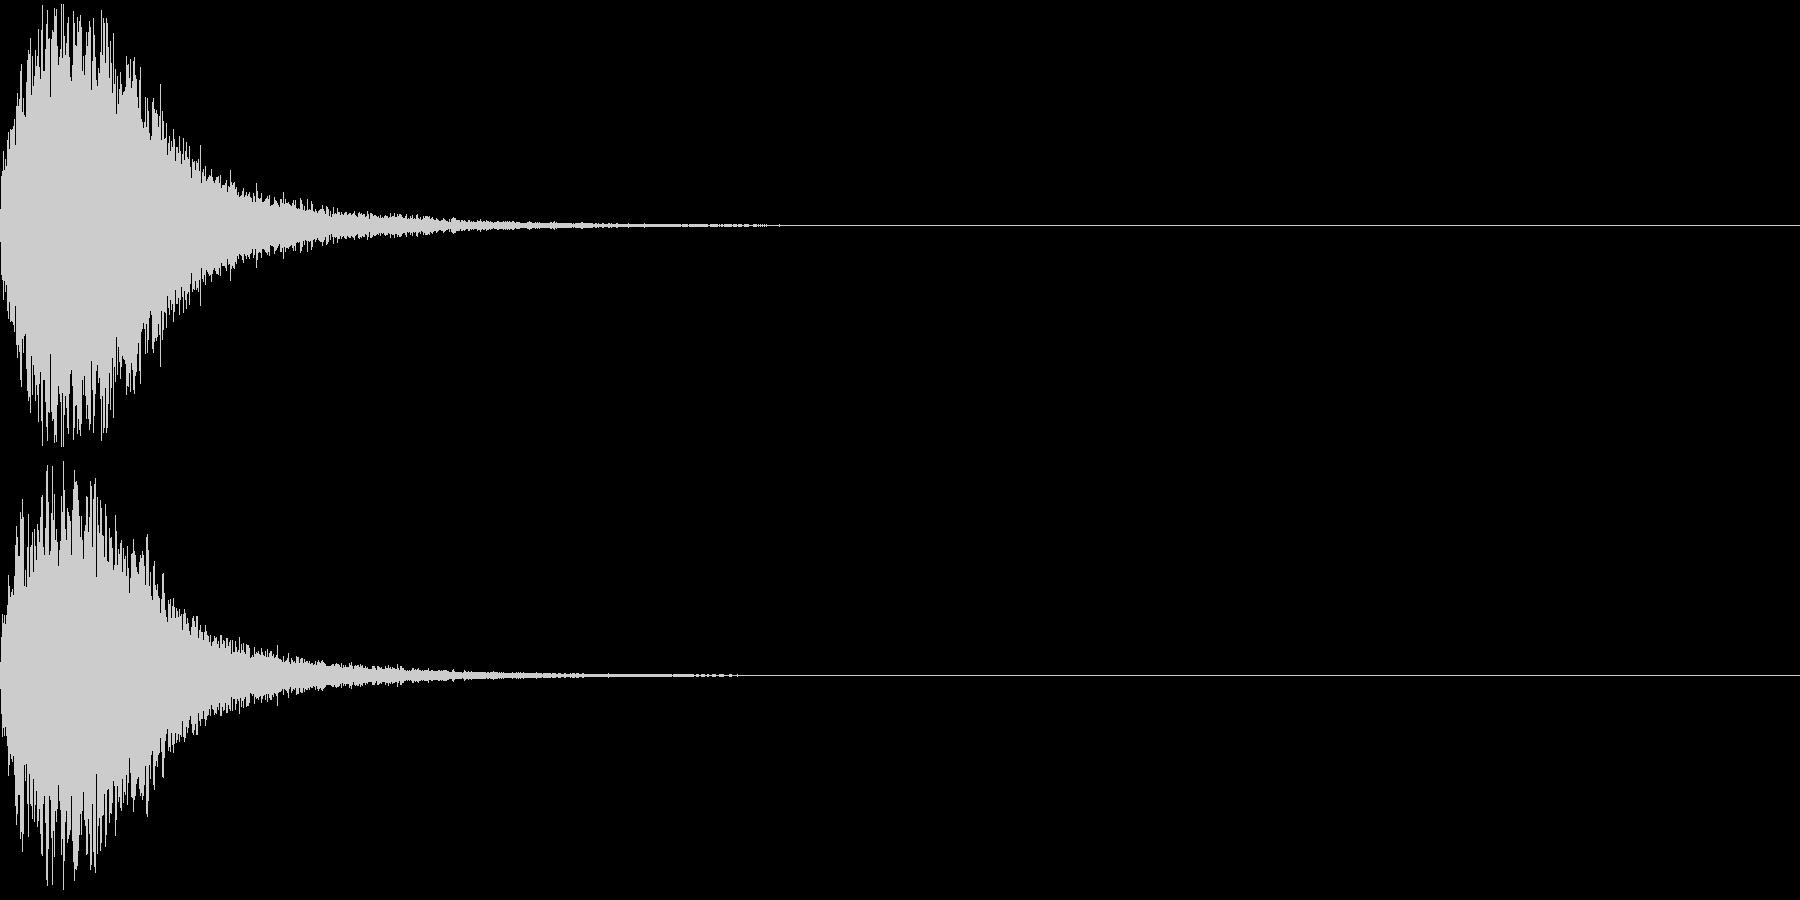 魔法 キラキラ 回復 ヒール系01の未再生の波形